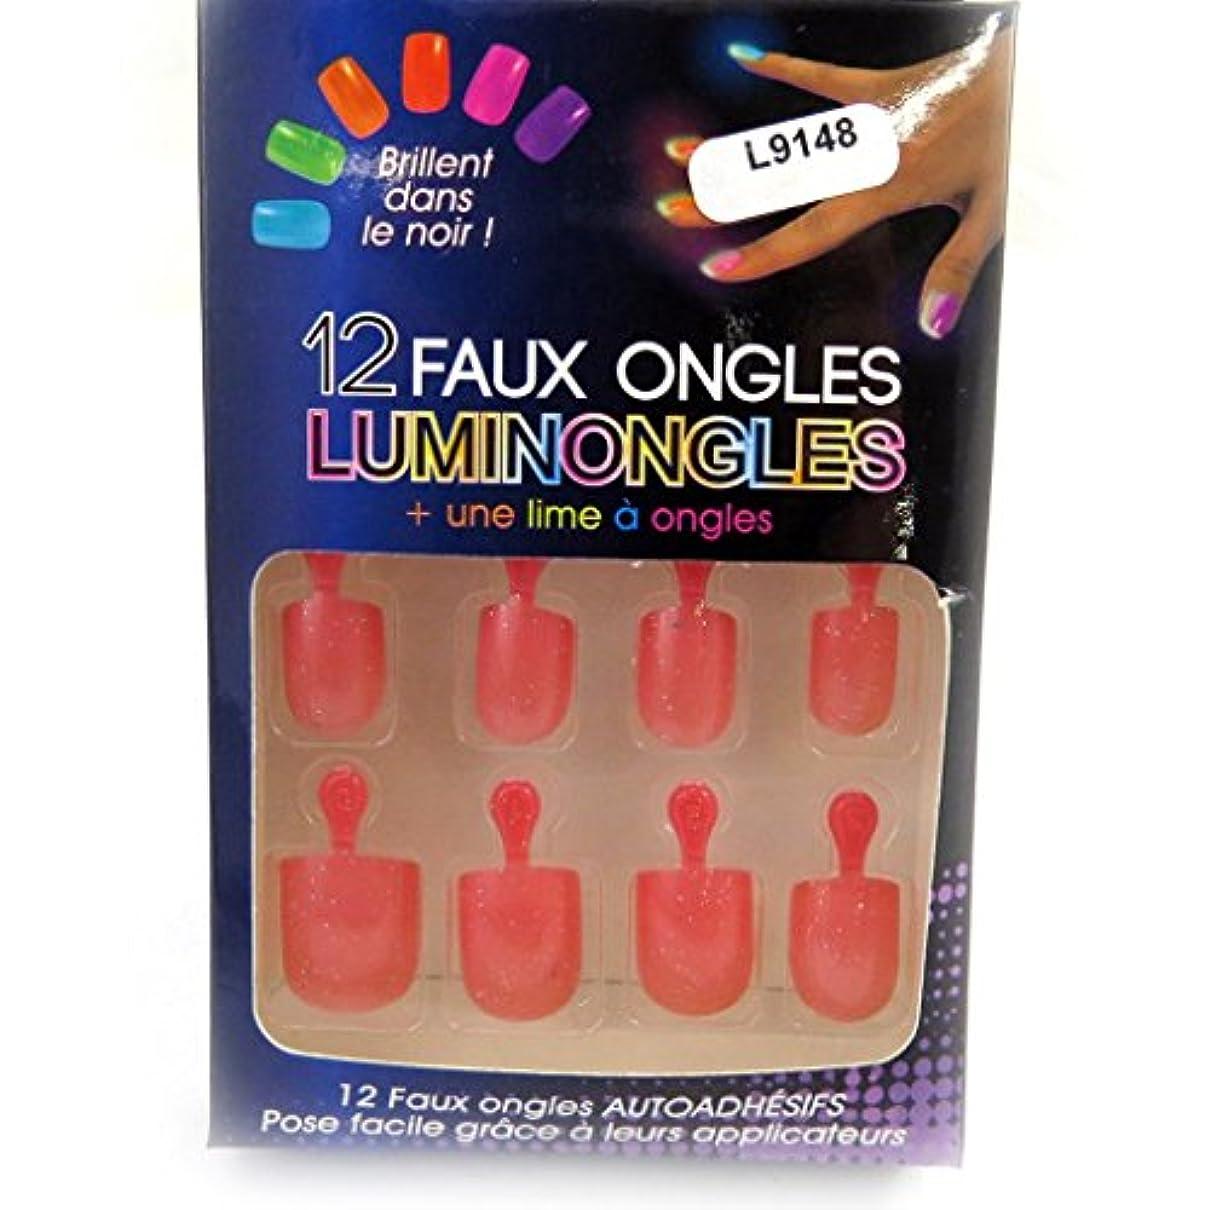 感謝晩ごはんひねくれた[リリーの宝 (Les Tresors De Lily)] (Luminongles コレクション) [L9148] アクリルスカルプチュア ピンク